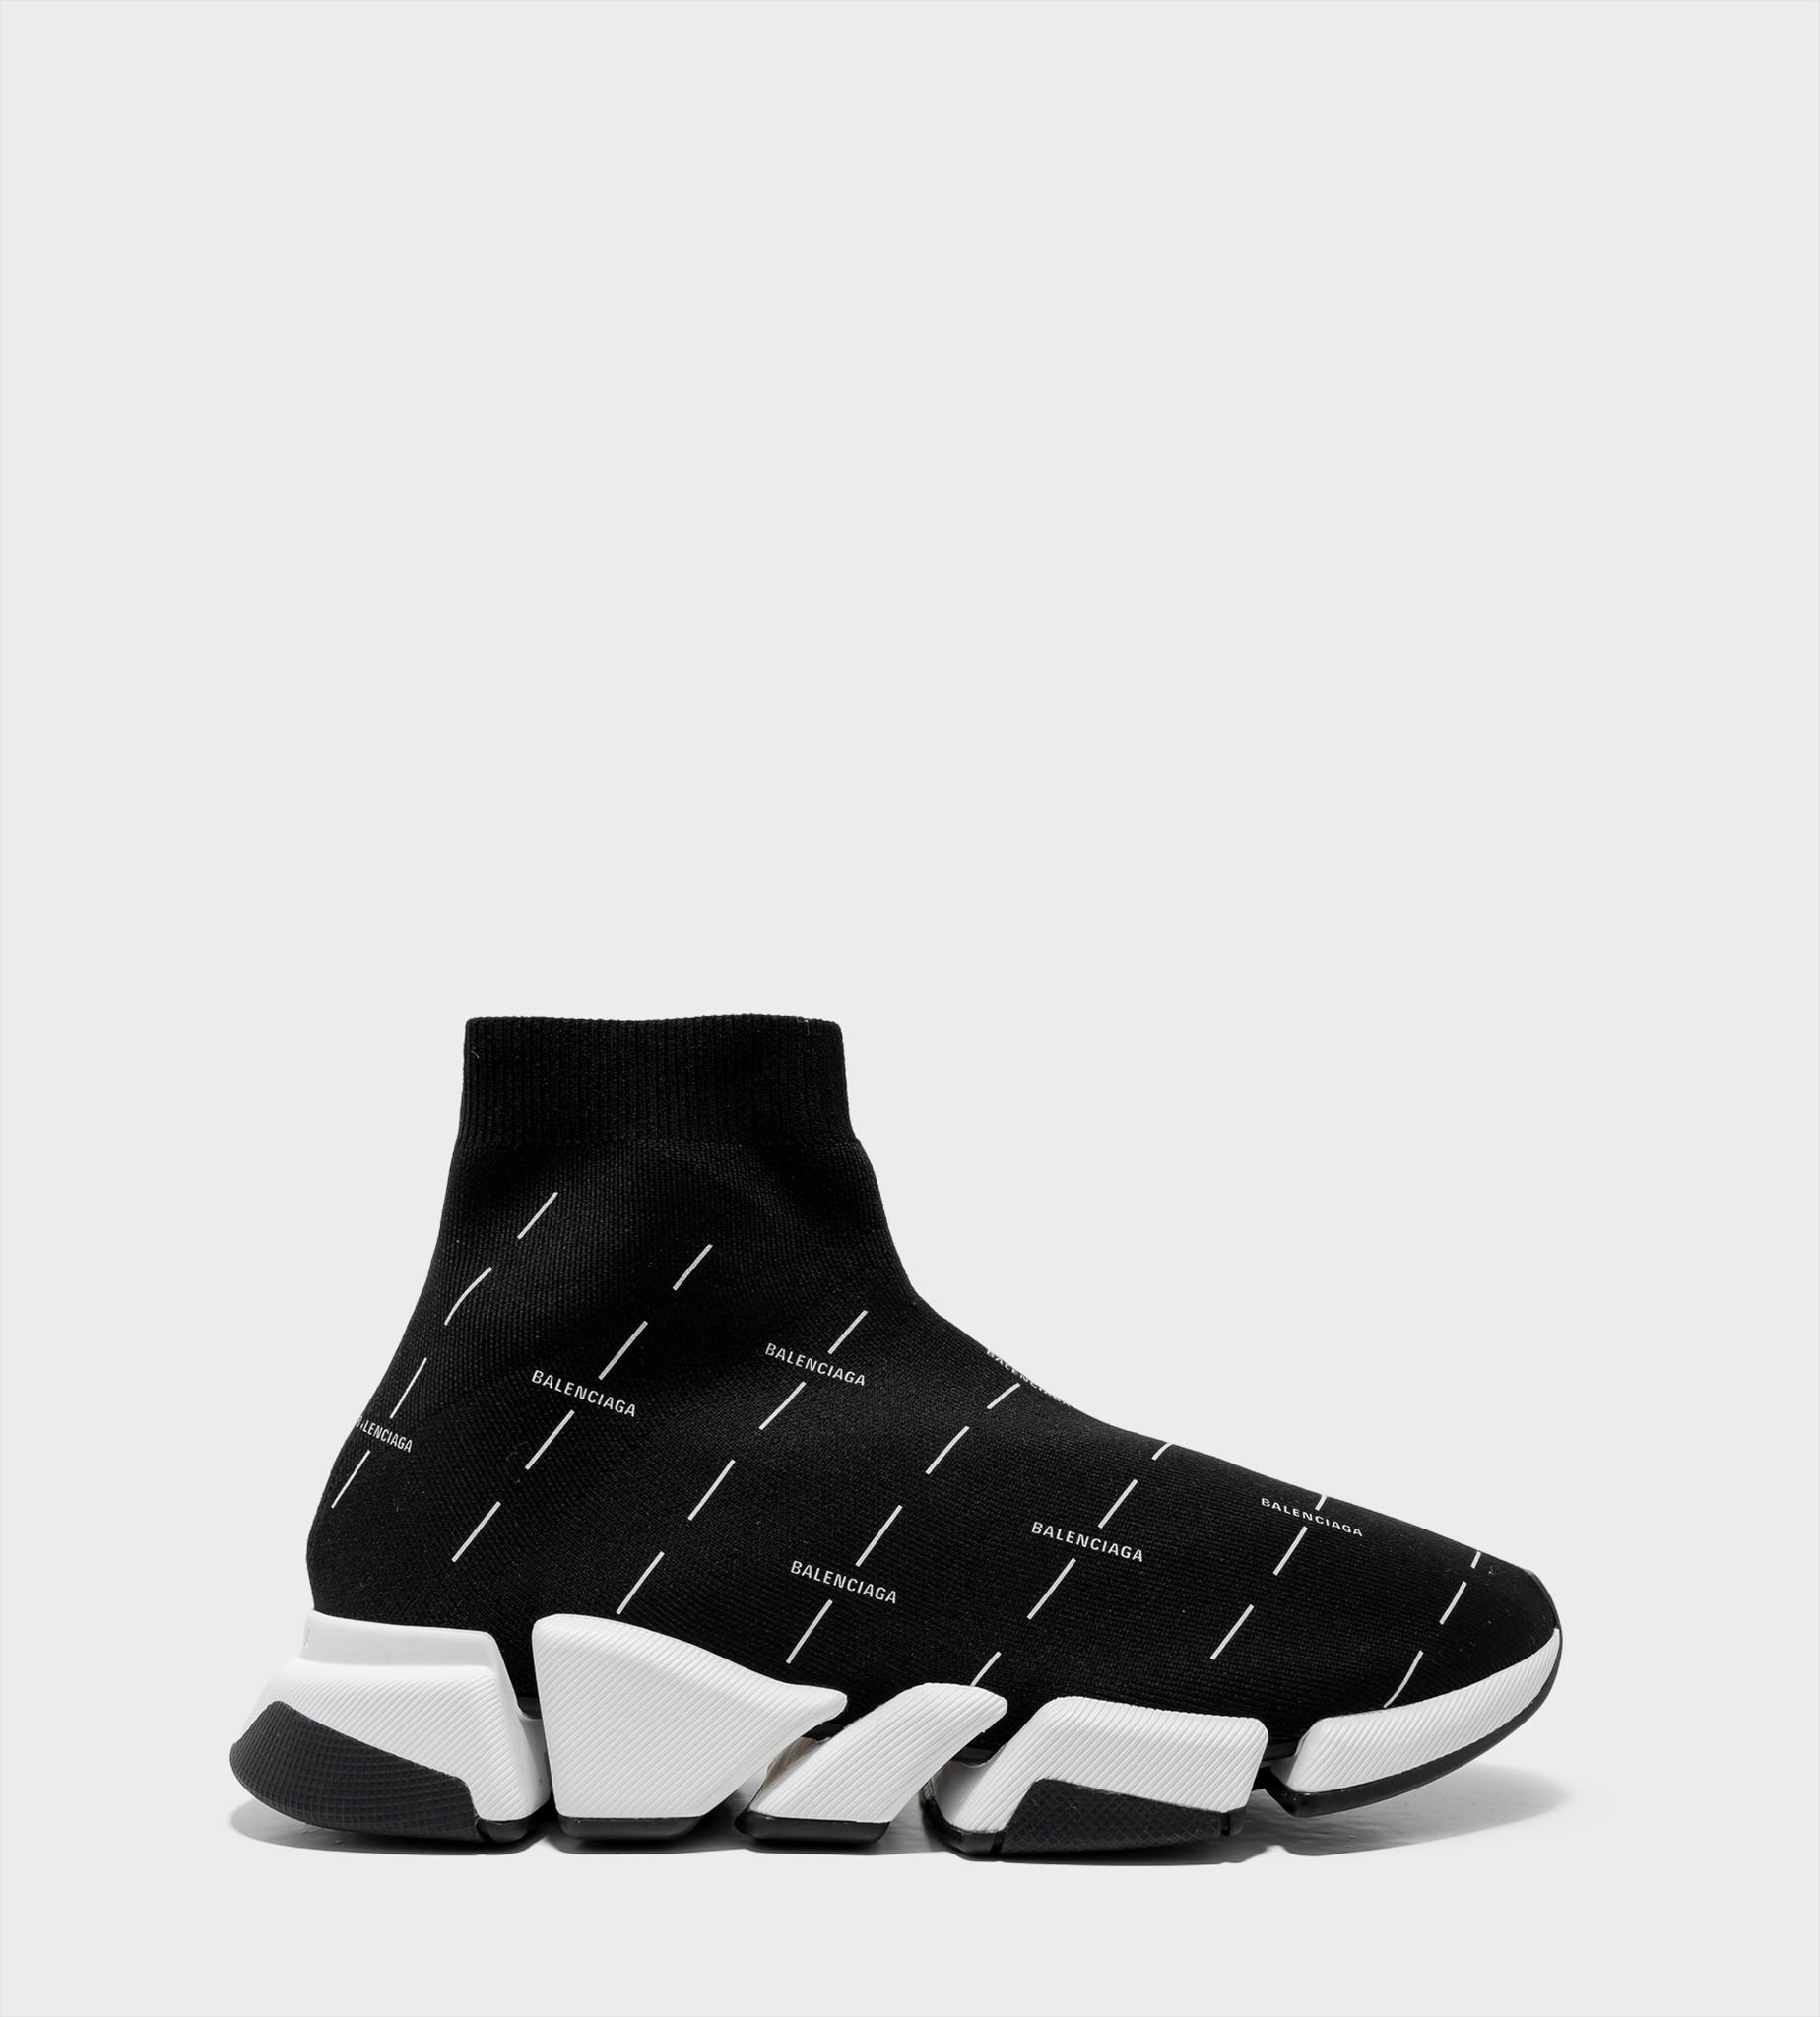 BALENCIAGA All Over Print Speed 2.0 Sneaker